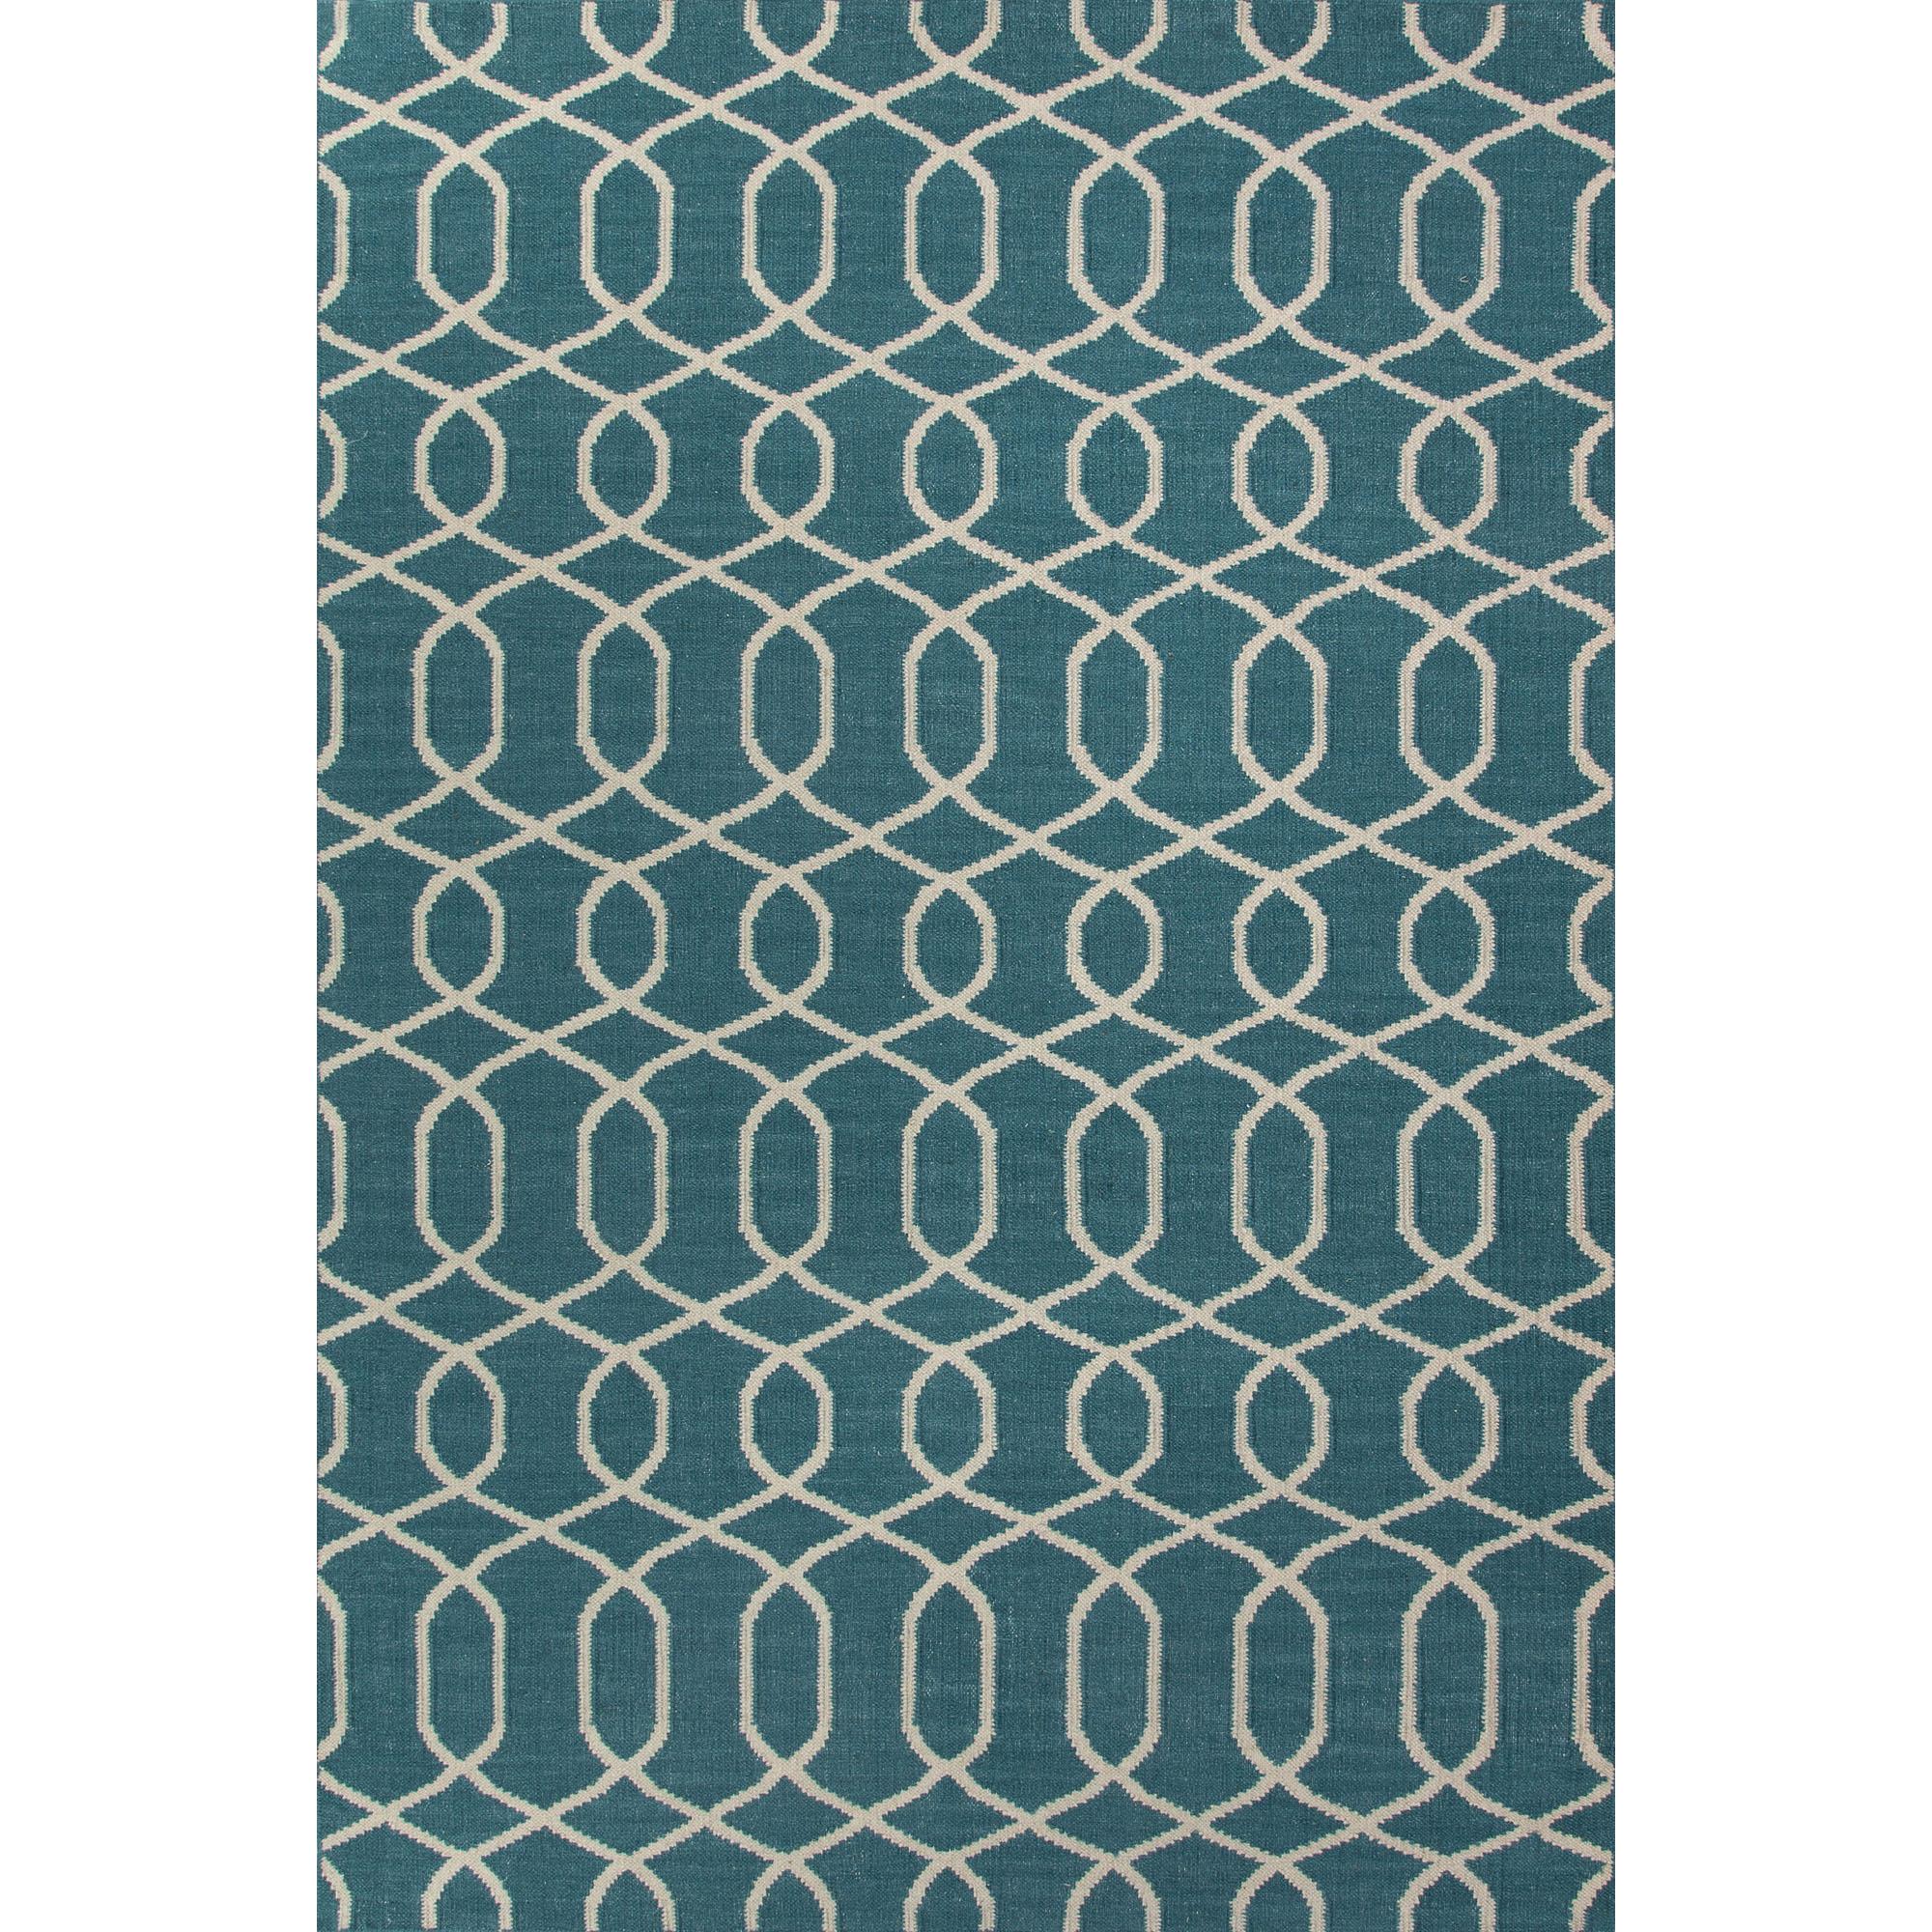 JAIPUR Rugs Urban Bungalow 5 x 8 Rug - Item Number: RUG110361